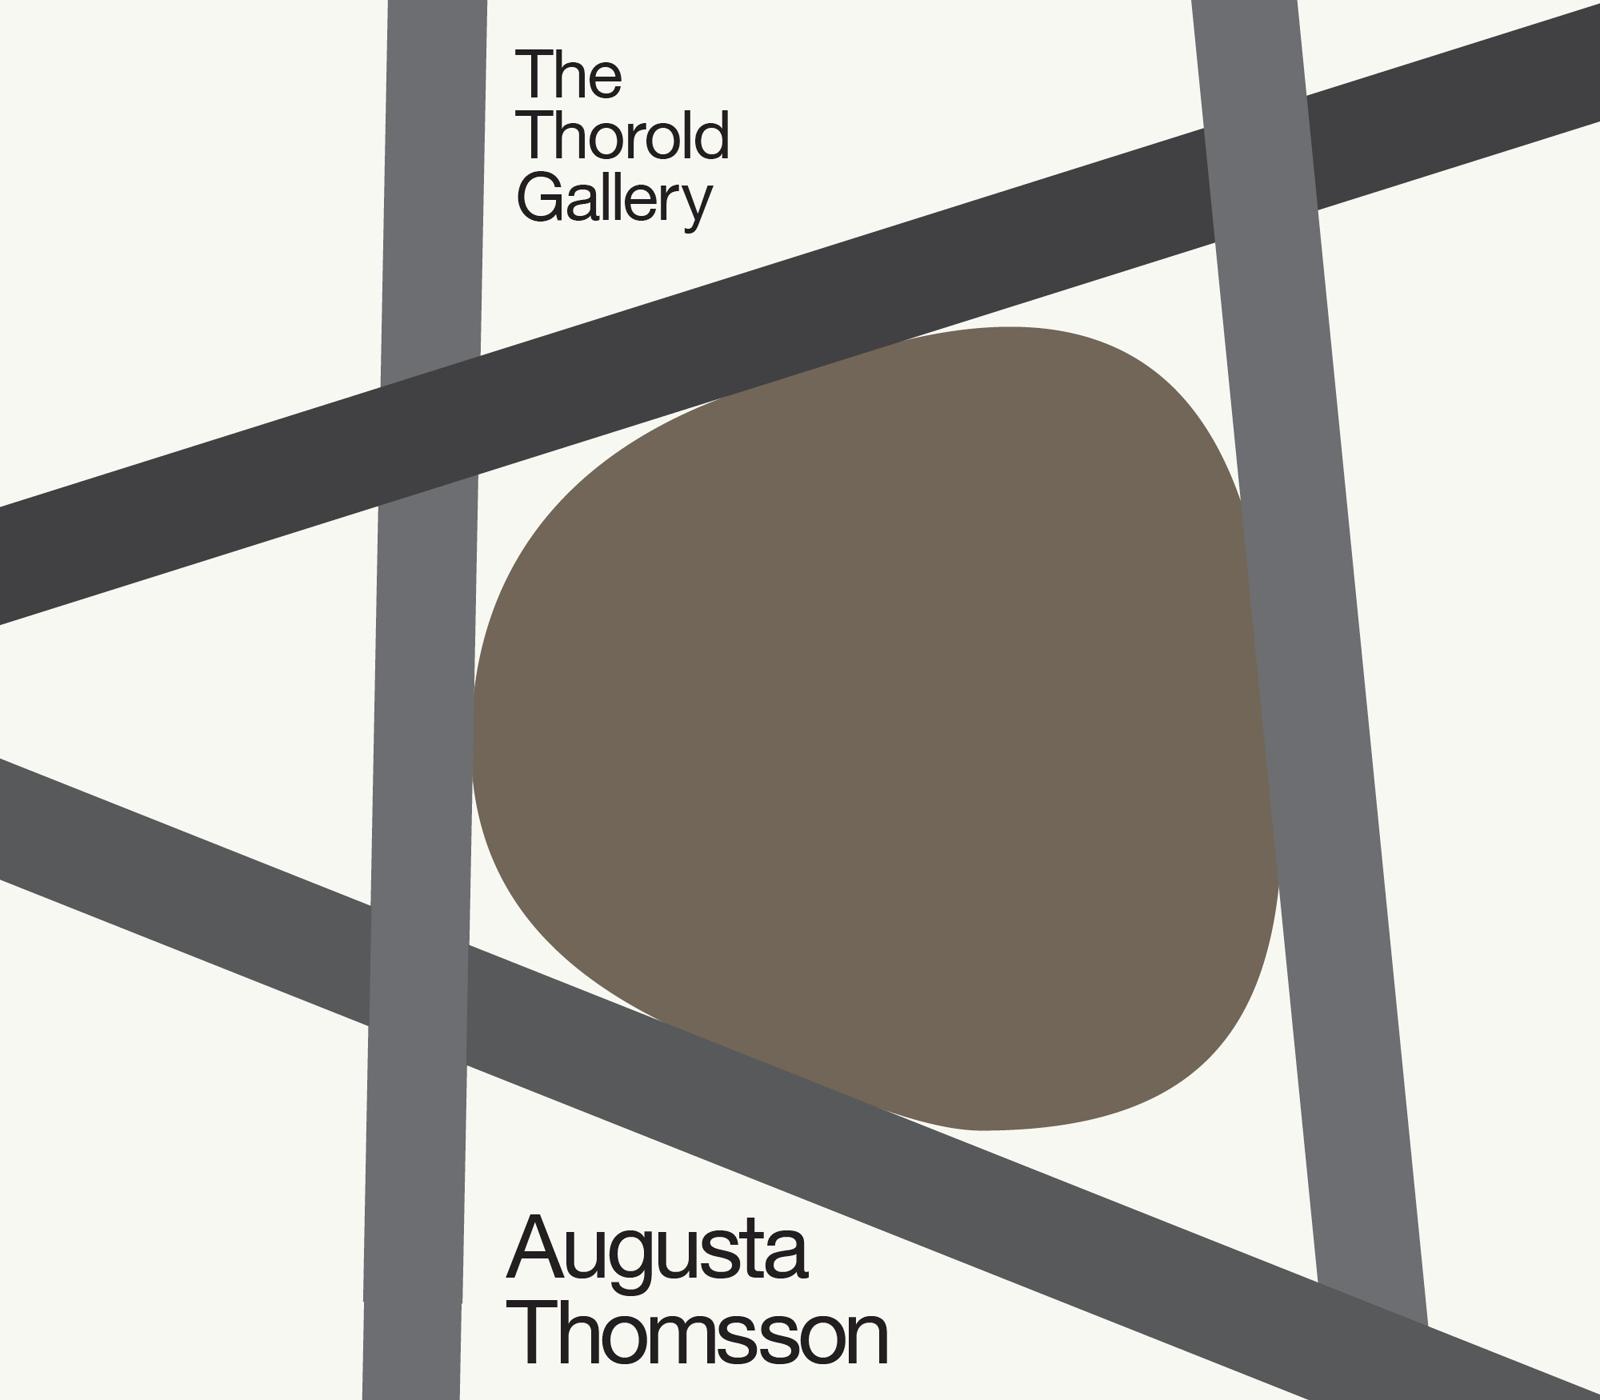 Montague-Fictions-catalogs23.jpg